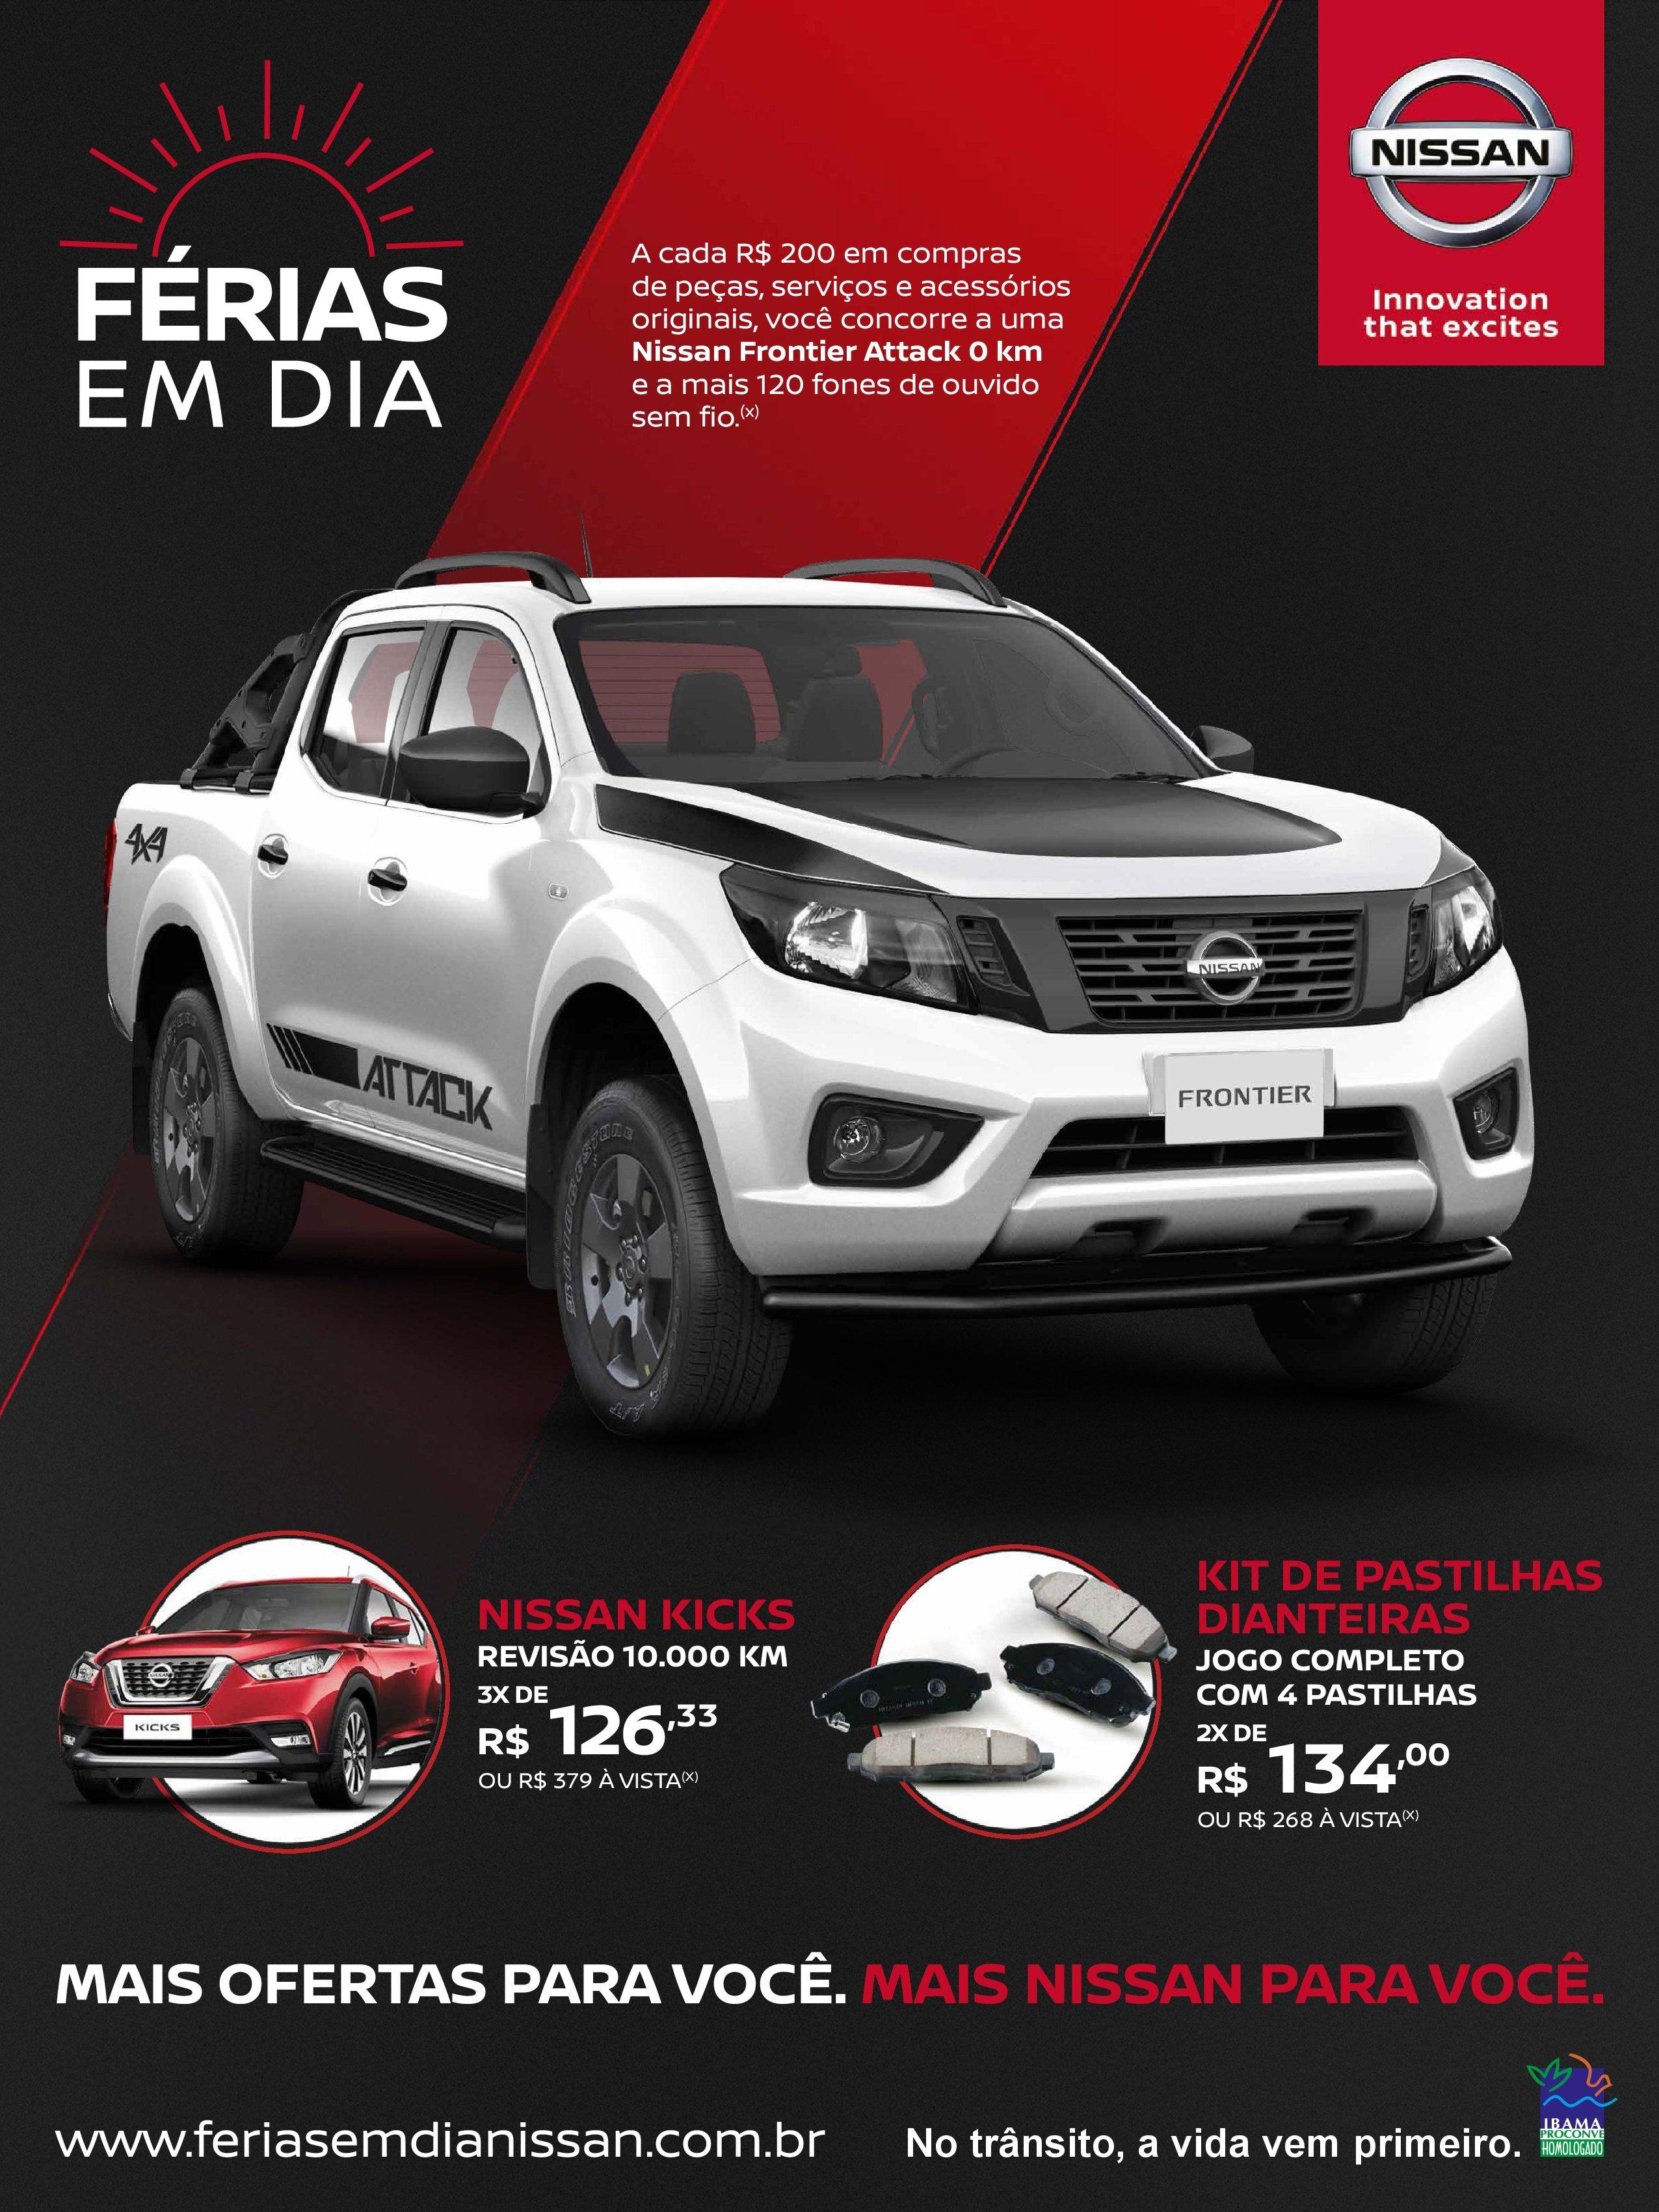 Nissan realiza sorteio de Frontier Attack em campanha de revisão Férias em Dia